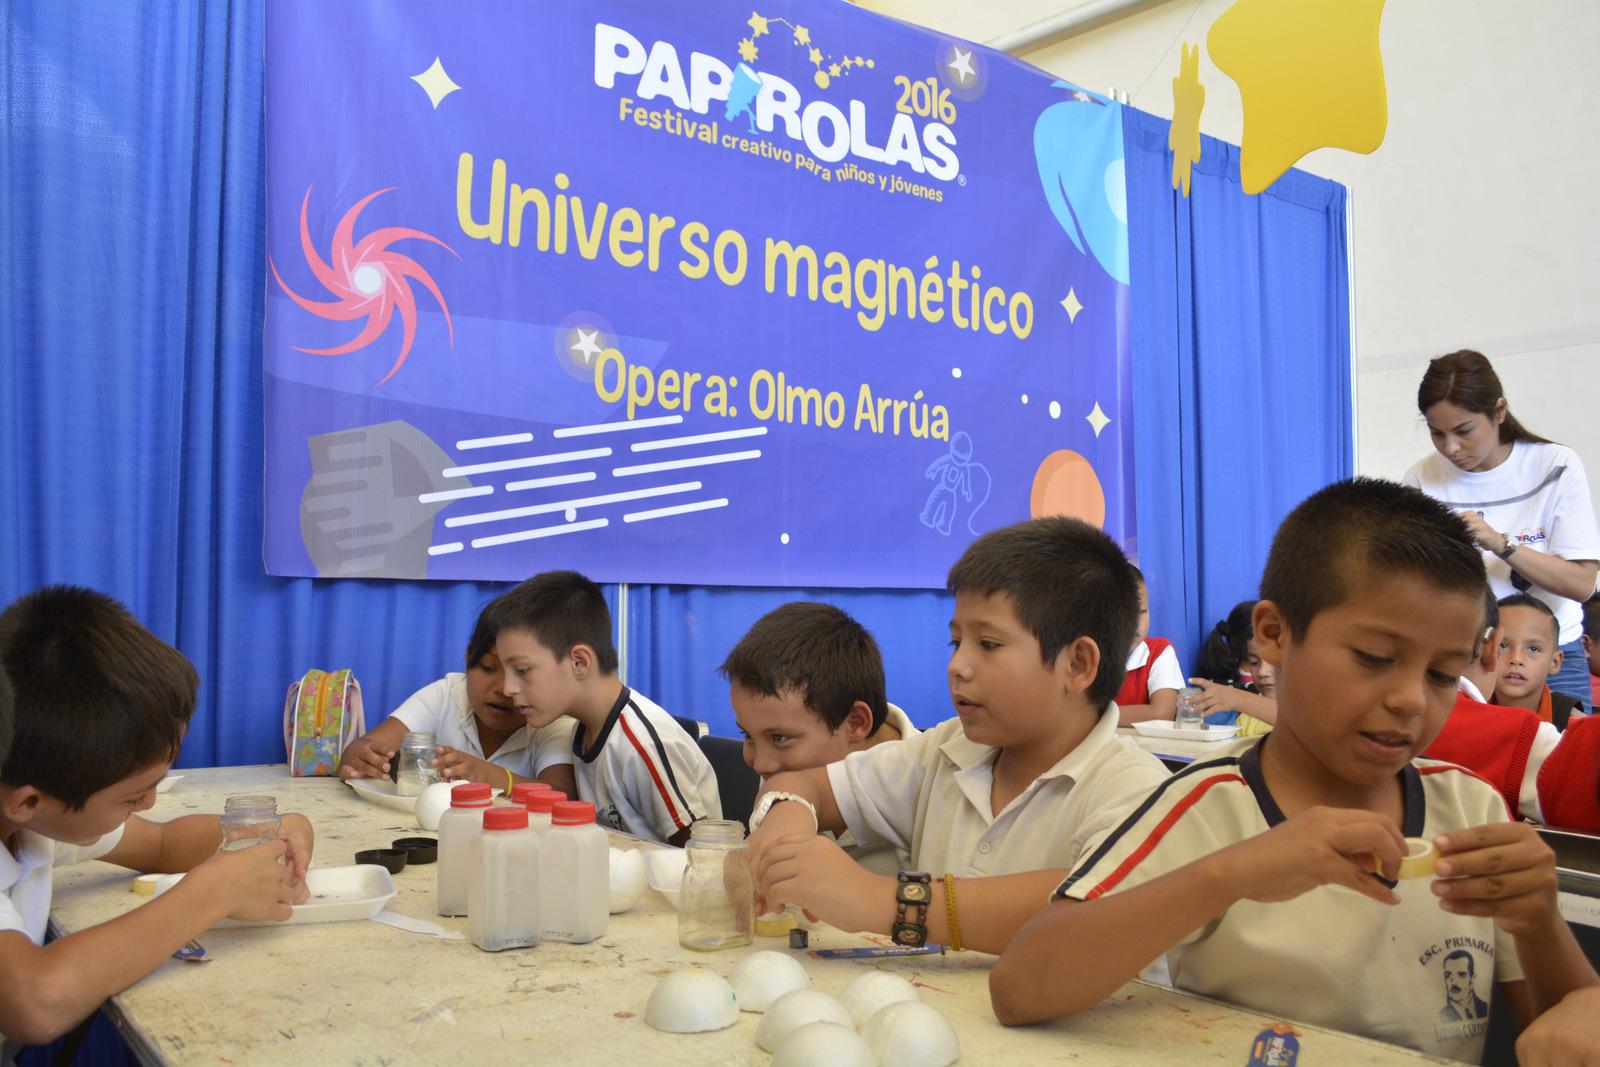 Niños de primaria en uno de los talleres impartidos por Papirolas.